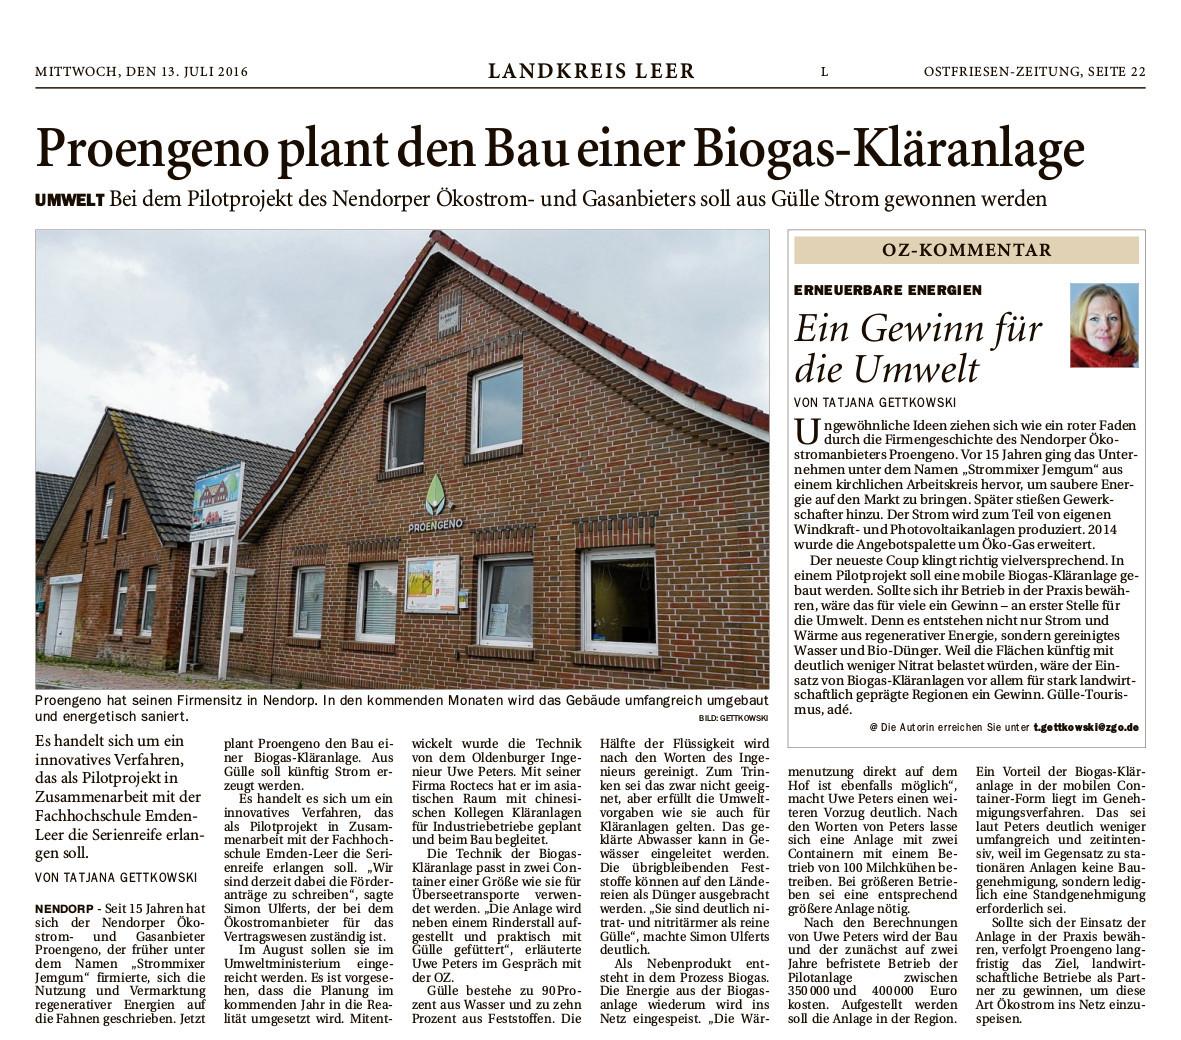 Zeitungsartikel der OZ ueber die Studie einer Biogaskläranlage von Proengeno